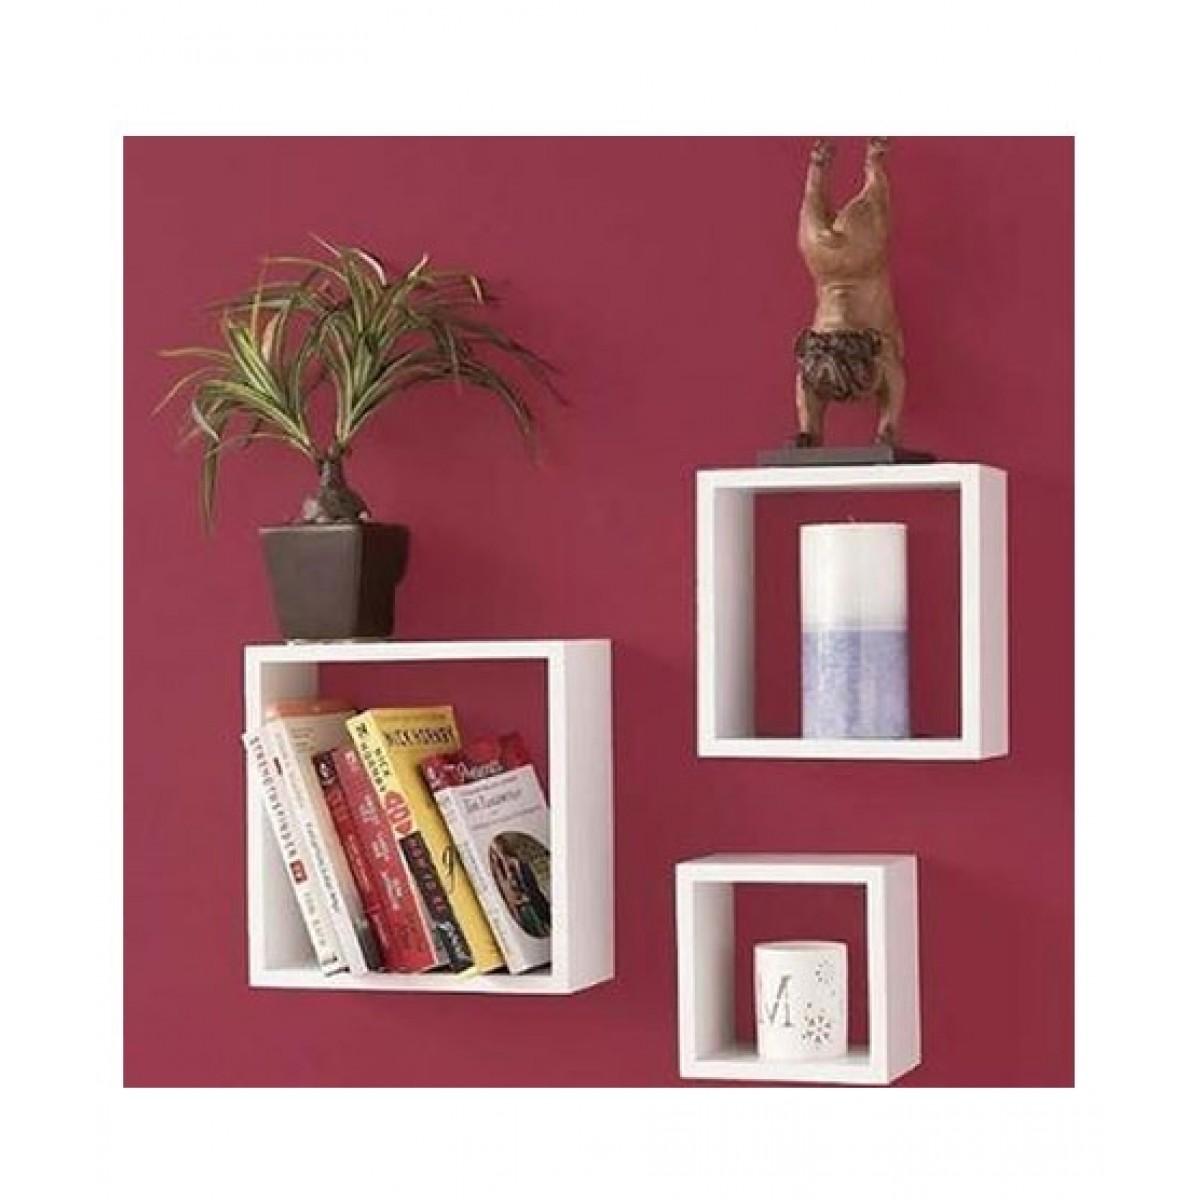 Fashion Nova Mart Decorative Wall Shelf White